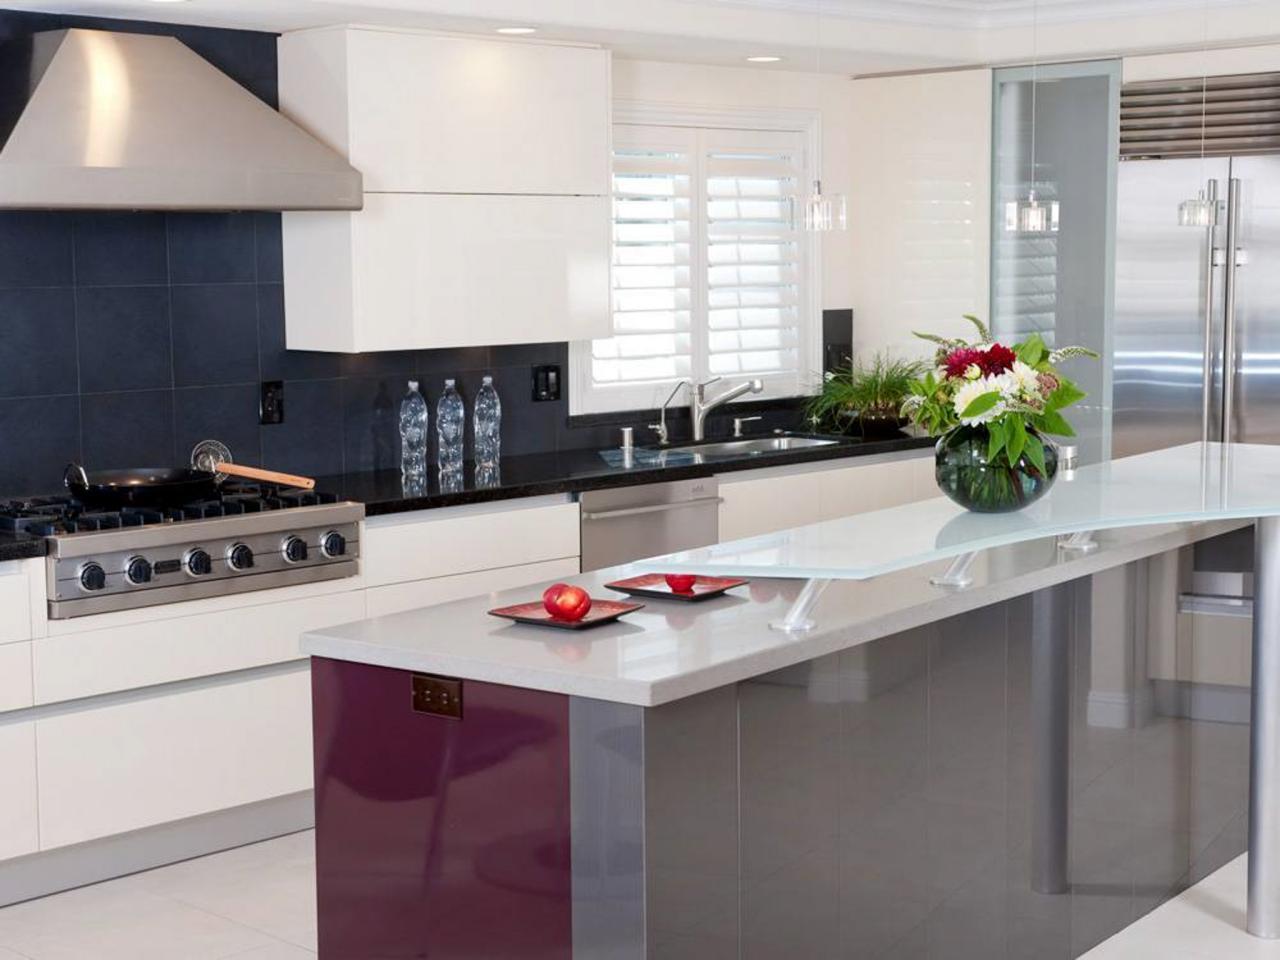 cucina-moderna-come-disporre-i-mobili-3